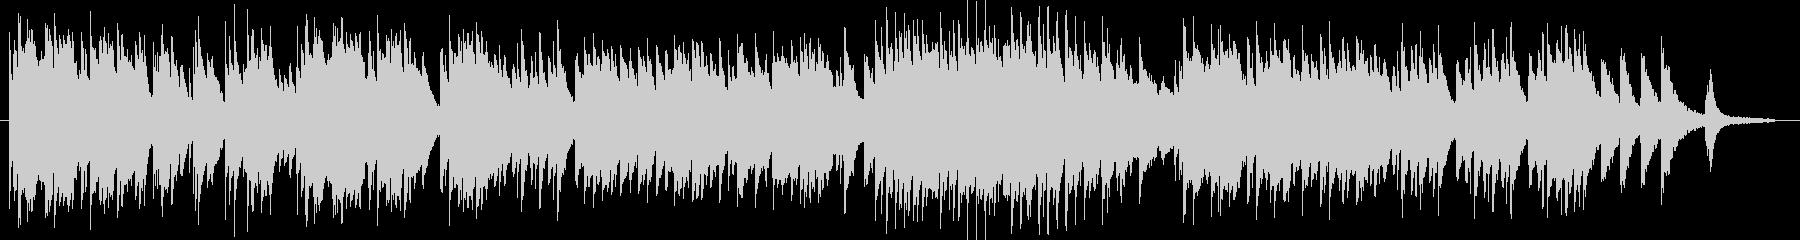 温かなピアノ曲「エフ」のバージョン2で…の未再生の波形